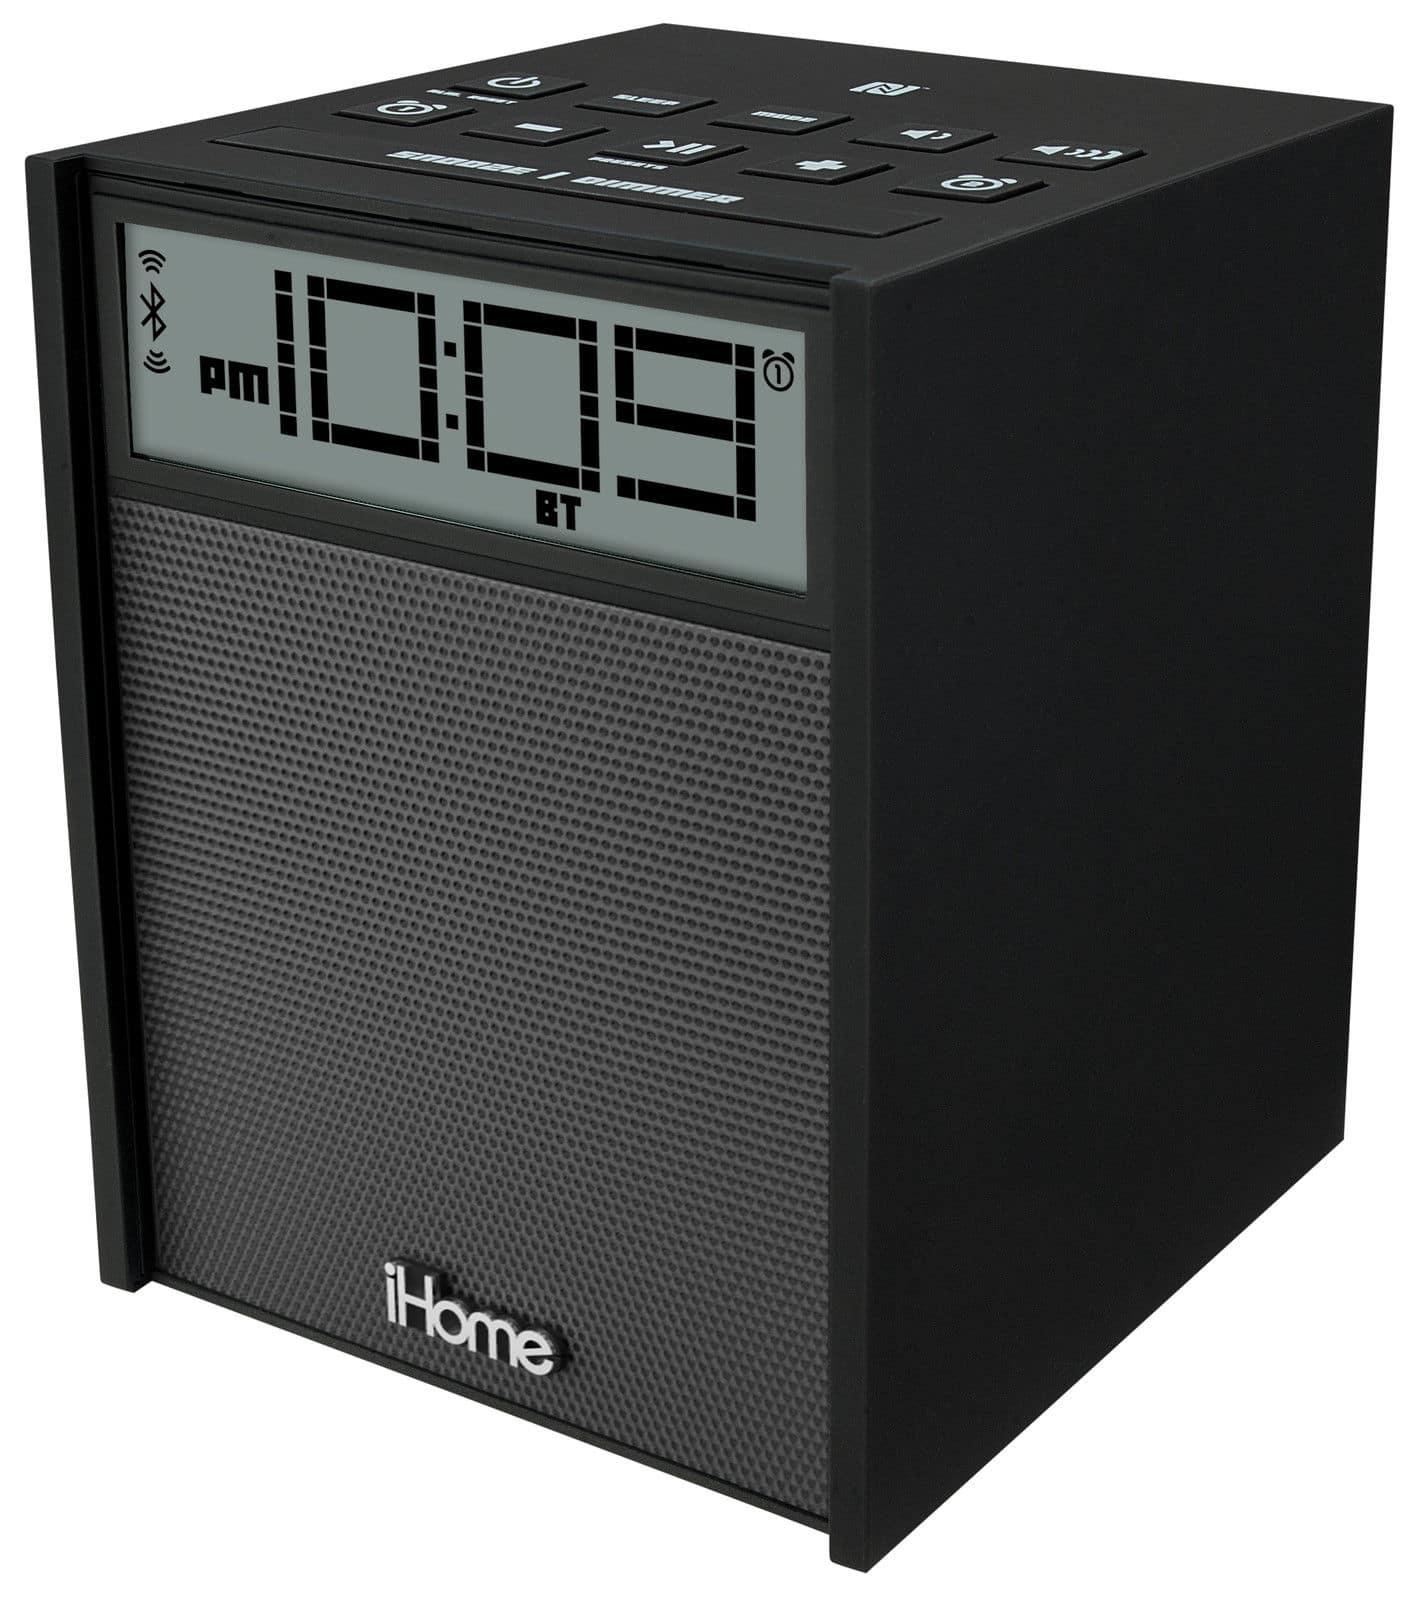 ihome ibn180 radiowecker mit nfc bluetooth radio und. Black Bedroom Furniture Sets. Home Design Ideas